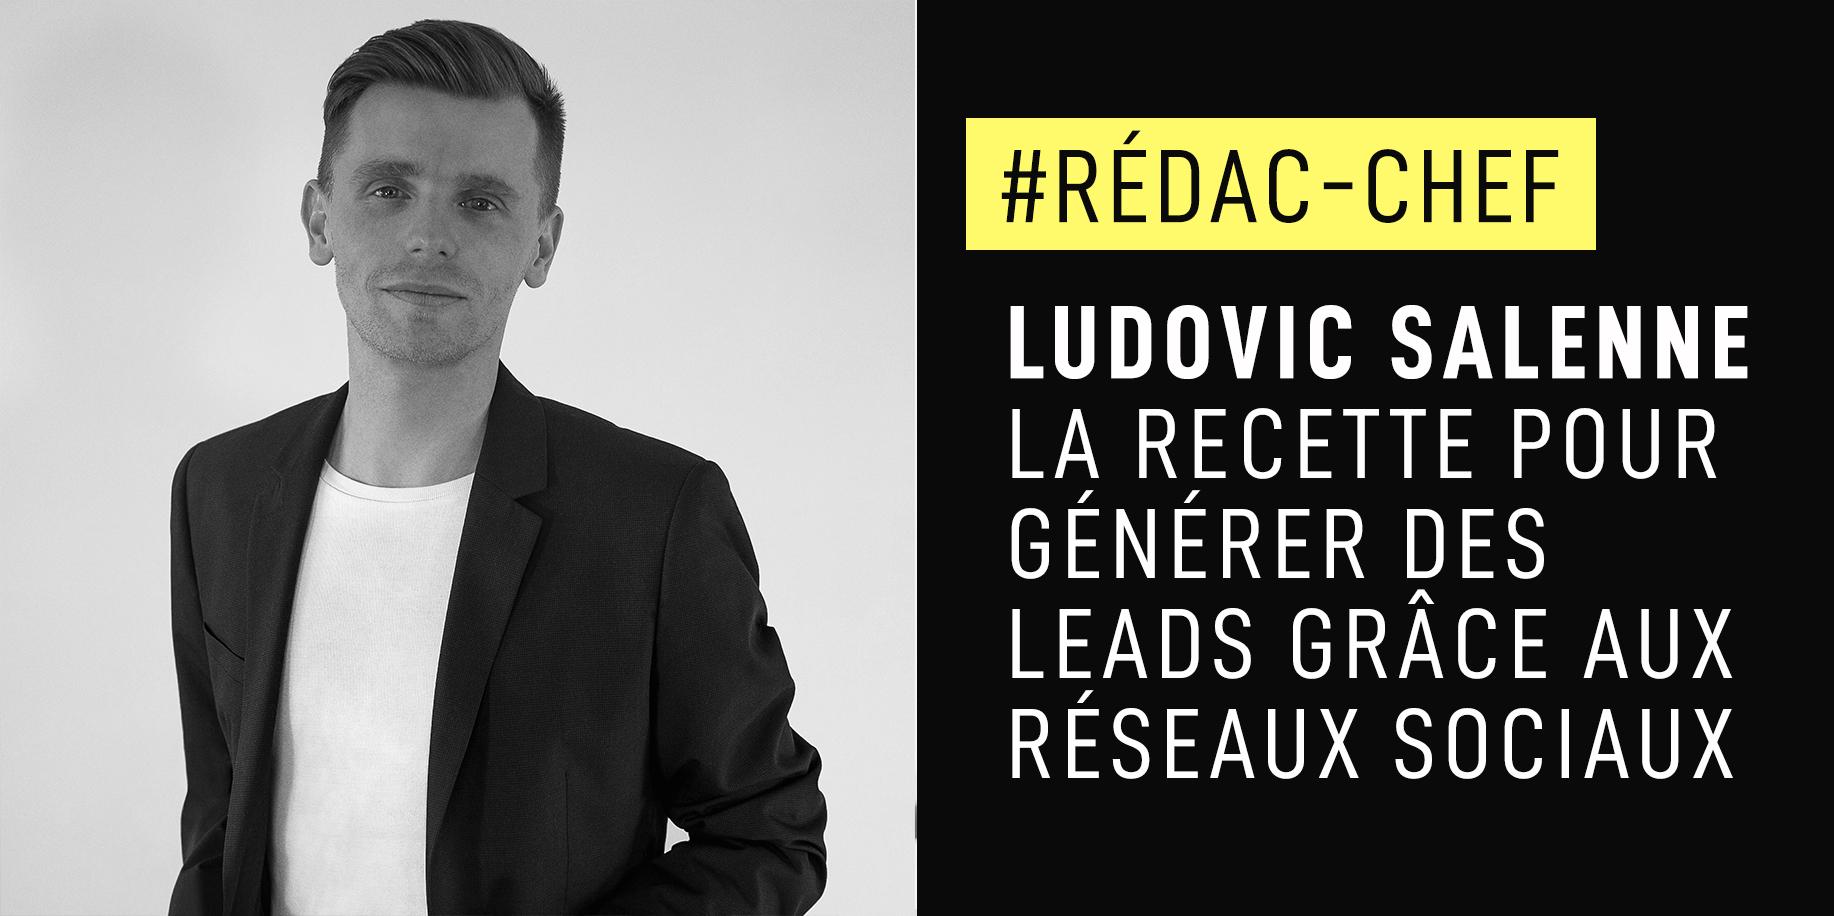 RCLudovic.jpg